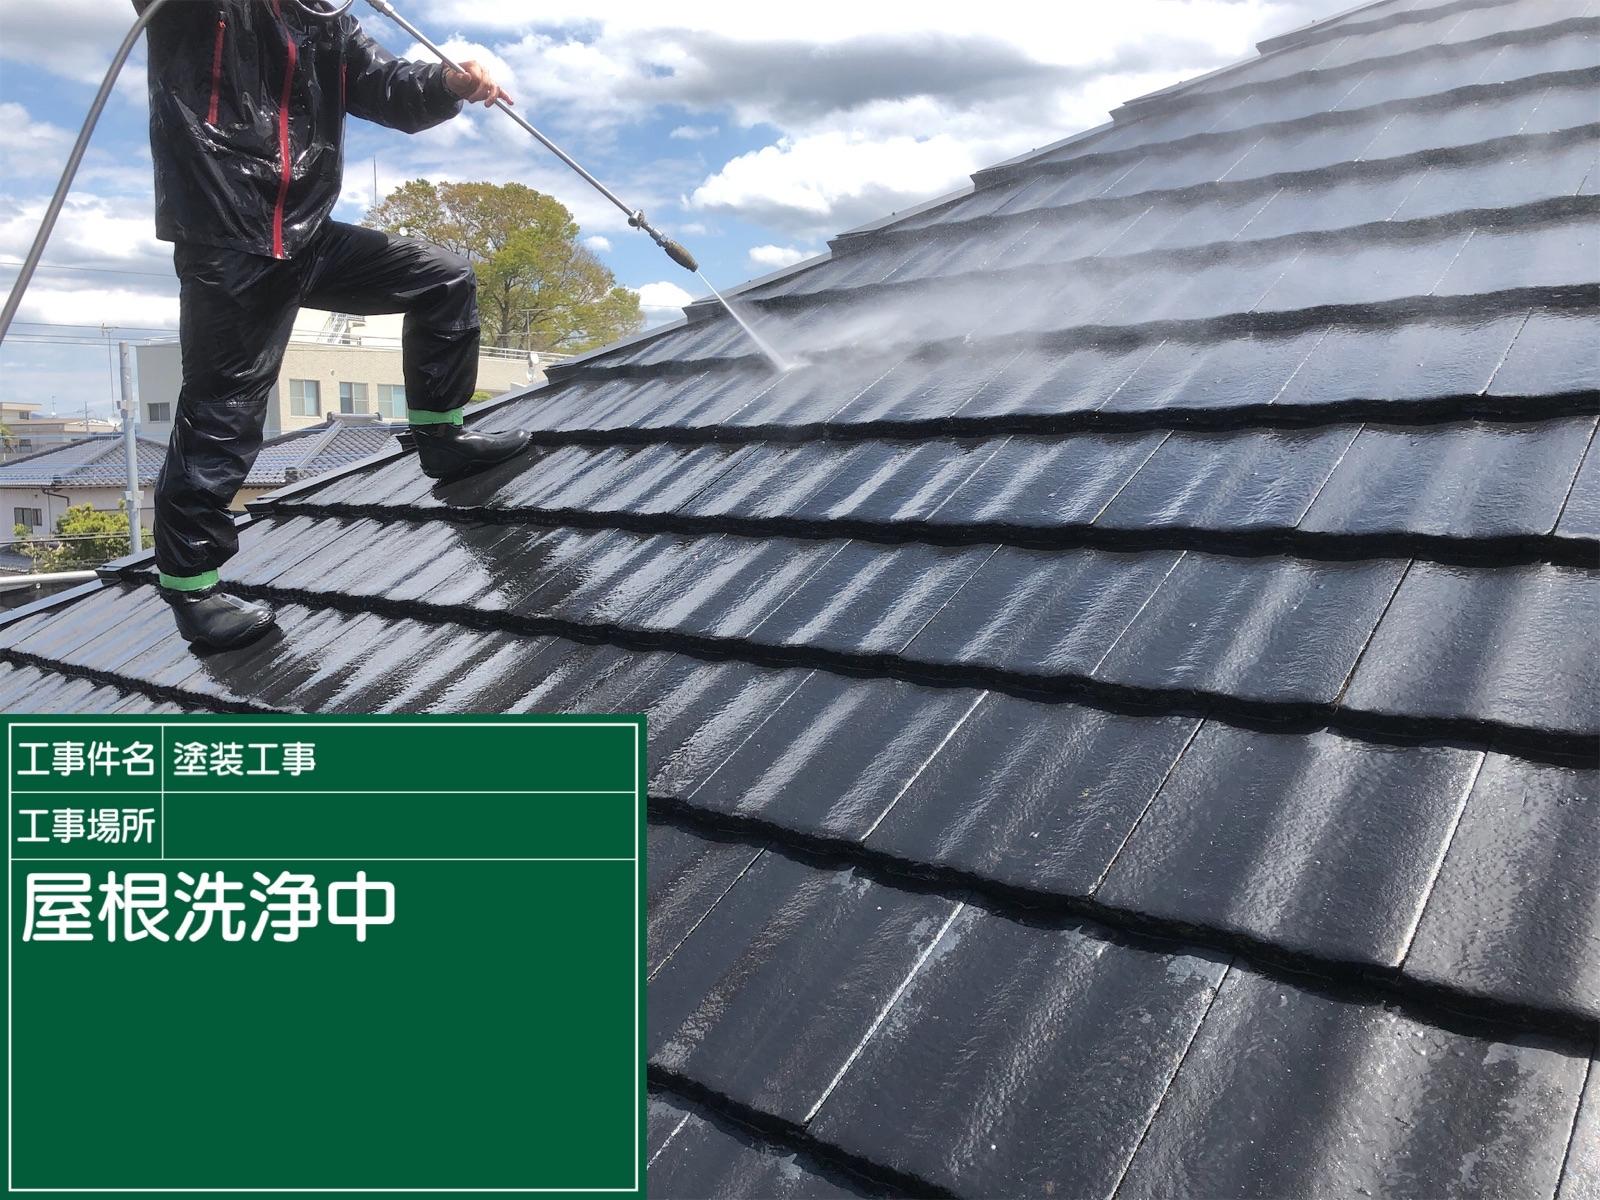 高圧洗浄中屋根300009